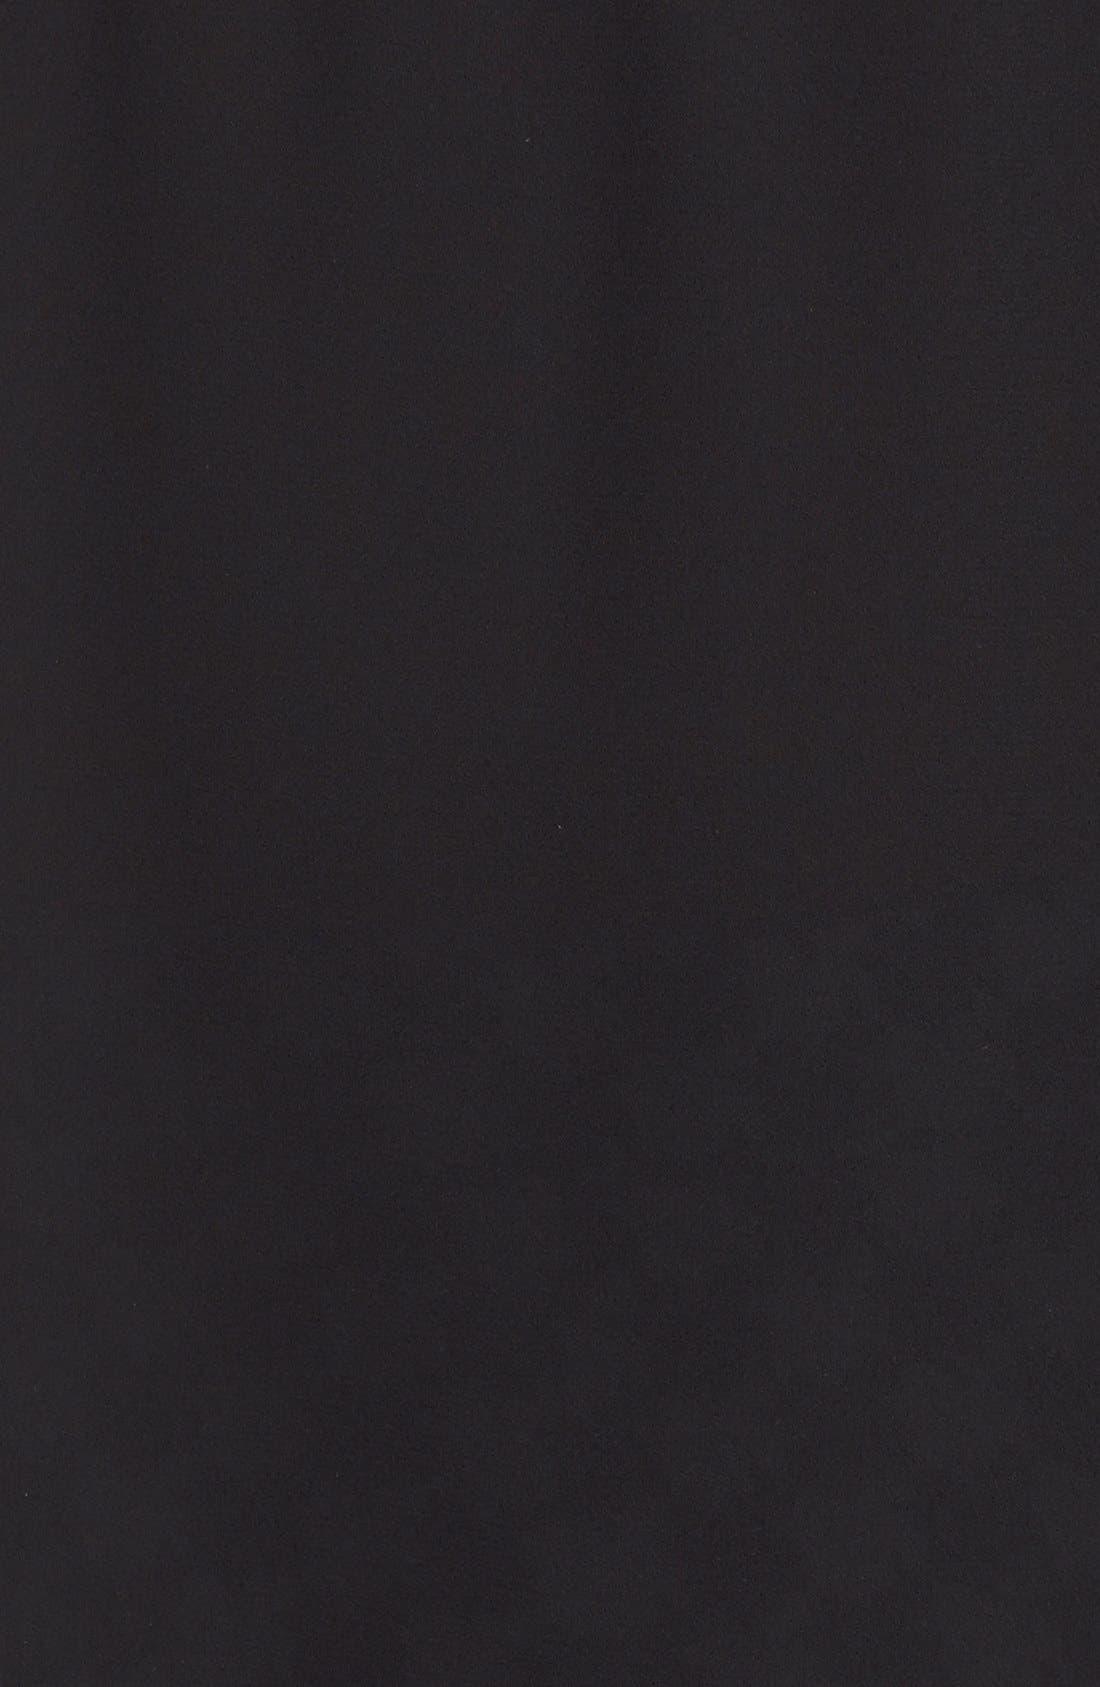 Loose Fit Trefoil Logo Tank,                             Alternate thumbnail 6, color,                             Black